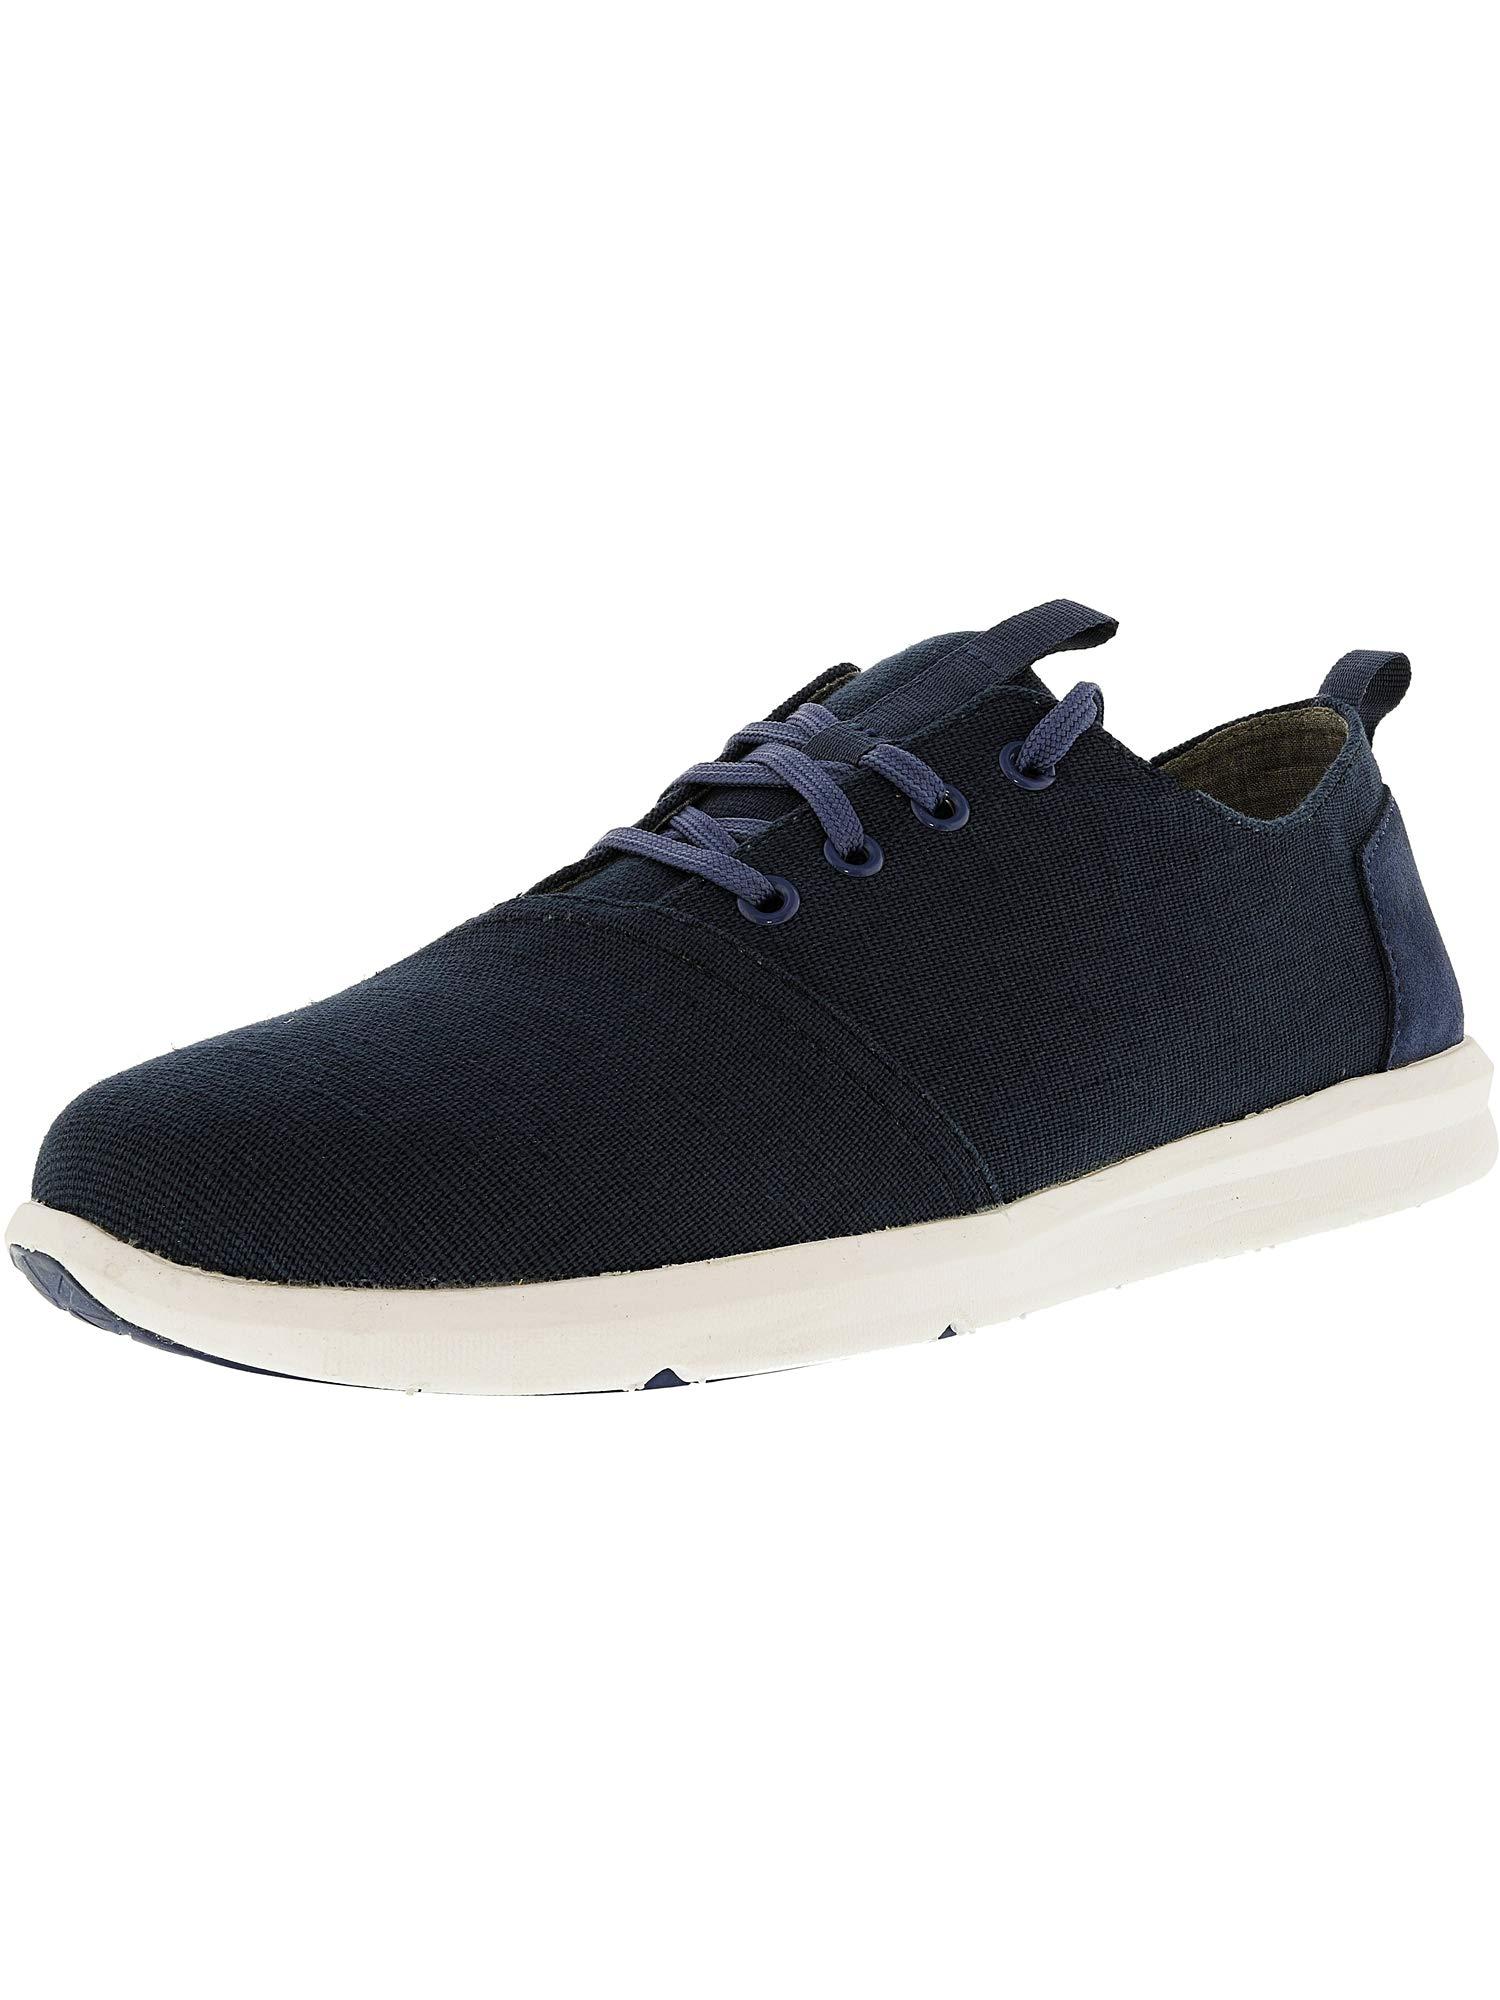 0ab51369078 Galleon - TOMS Men s Del Rey Navy Burlap Sneaker 8 D (M)